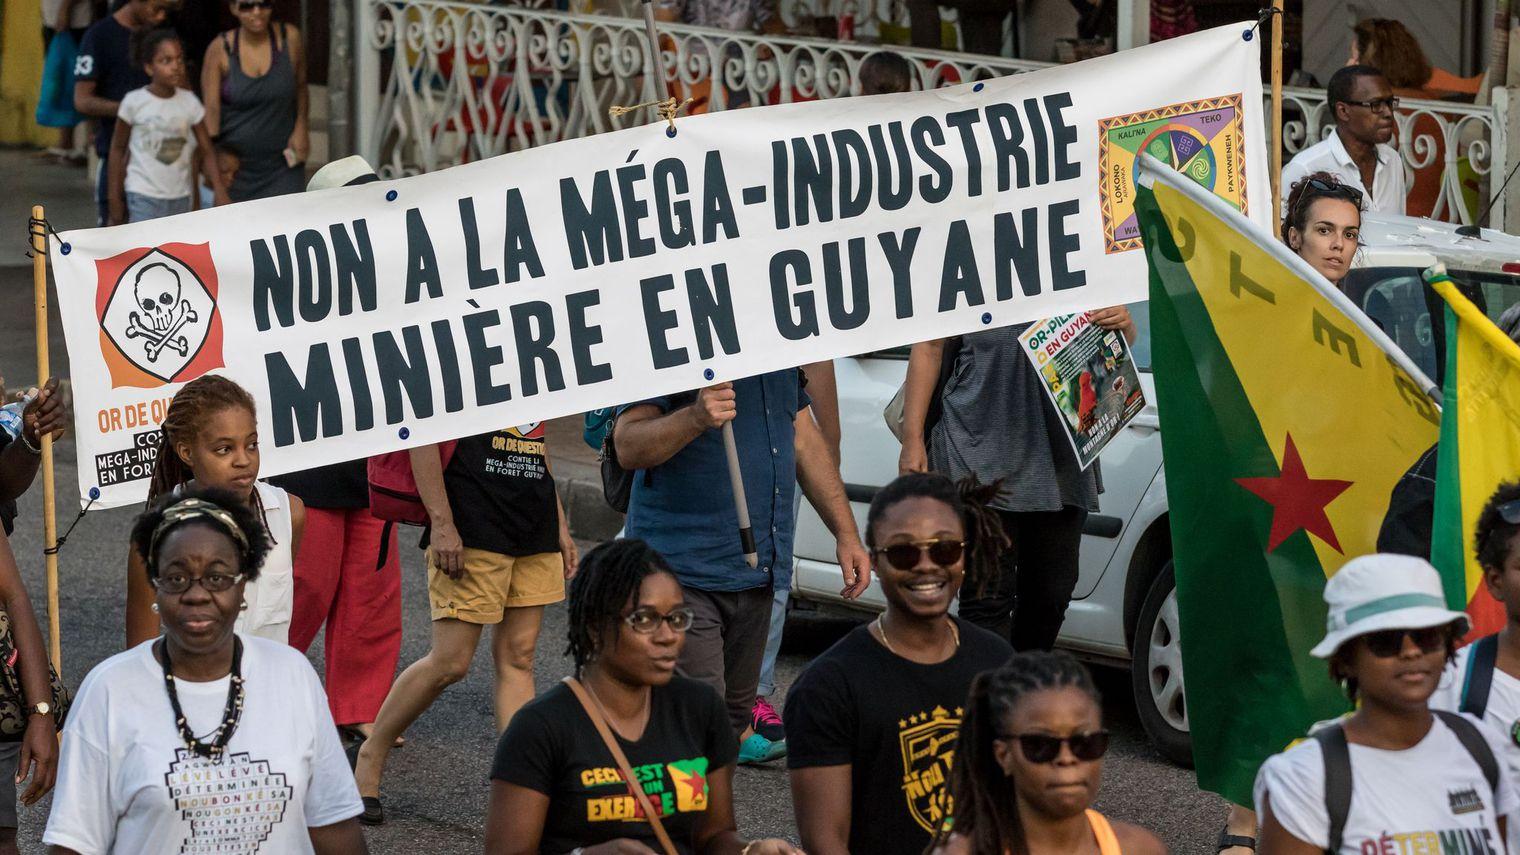 Une tribune appelle à renoncer au projet minier de la Montagne d'Or en Guyane